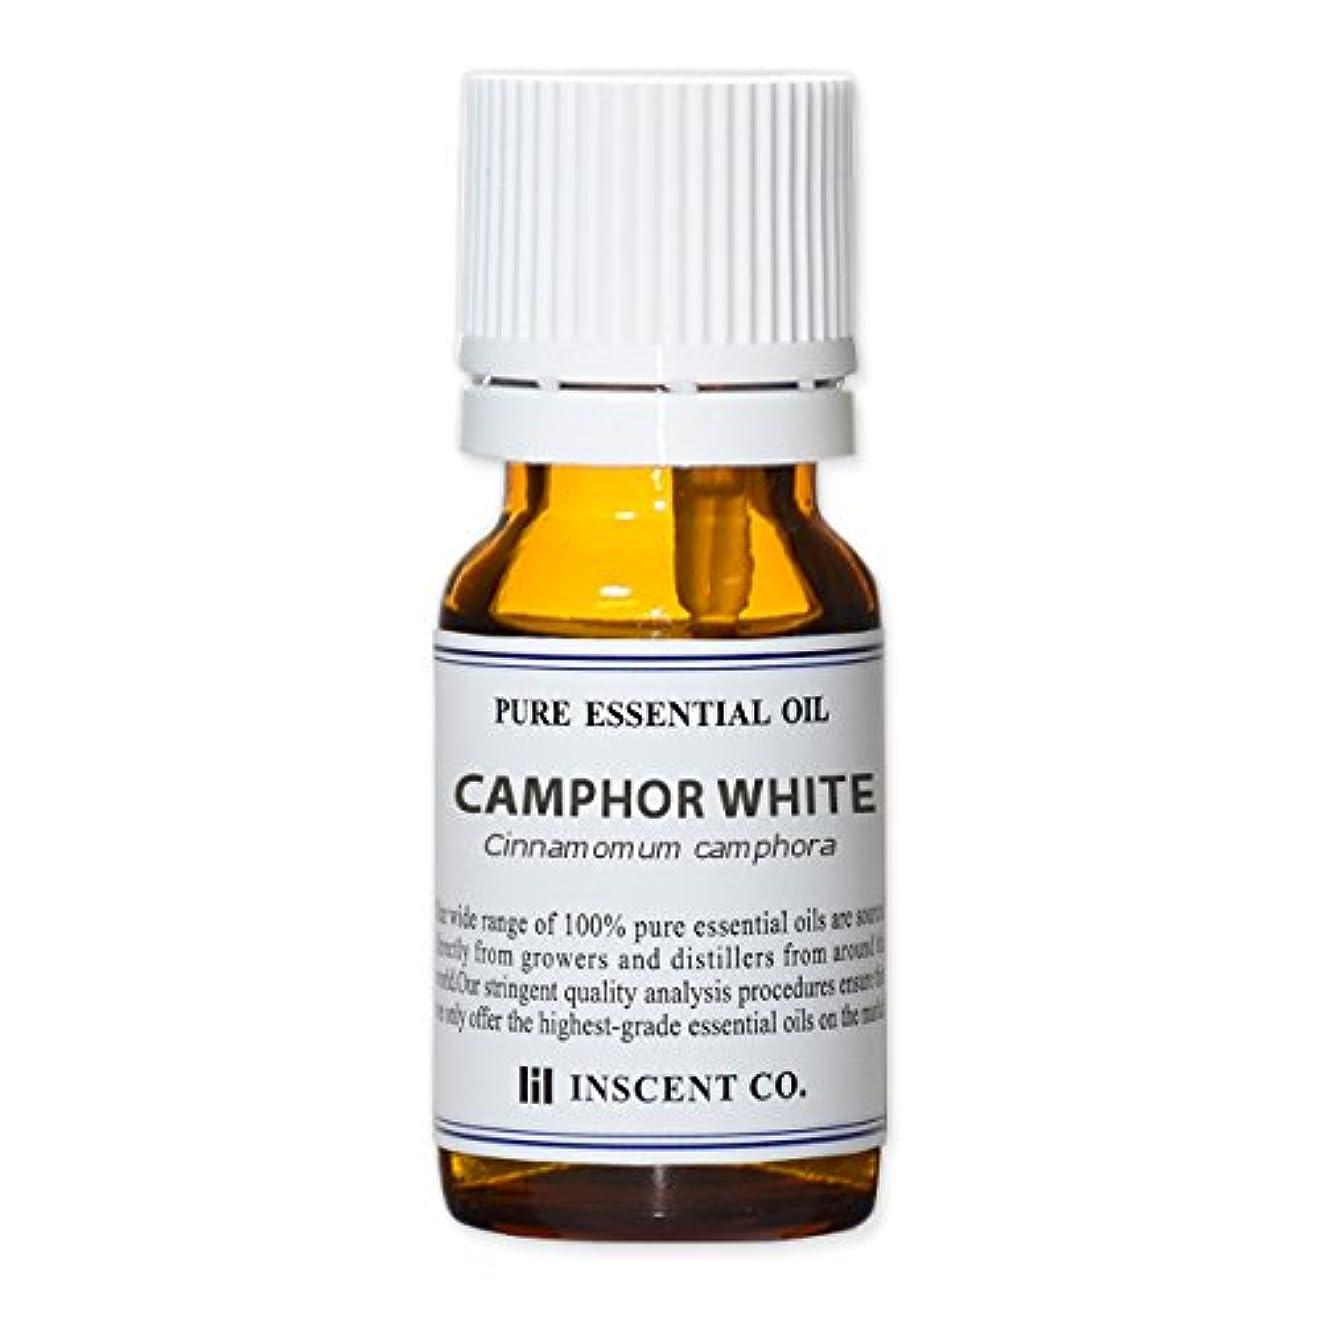 ピービッシュみがきますカンファー (ホワイト) 10ml インセント アロマオイル AEAJ 表示基準適合認定精油